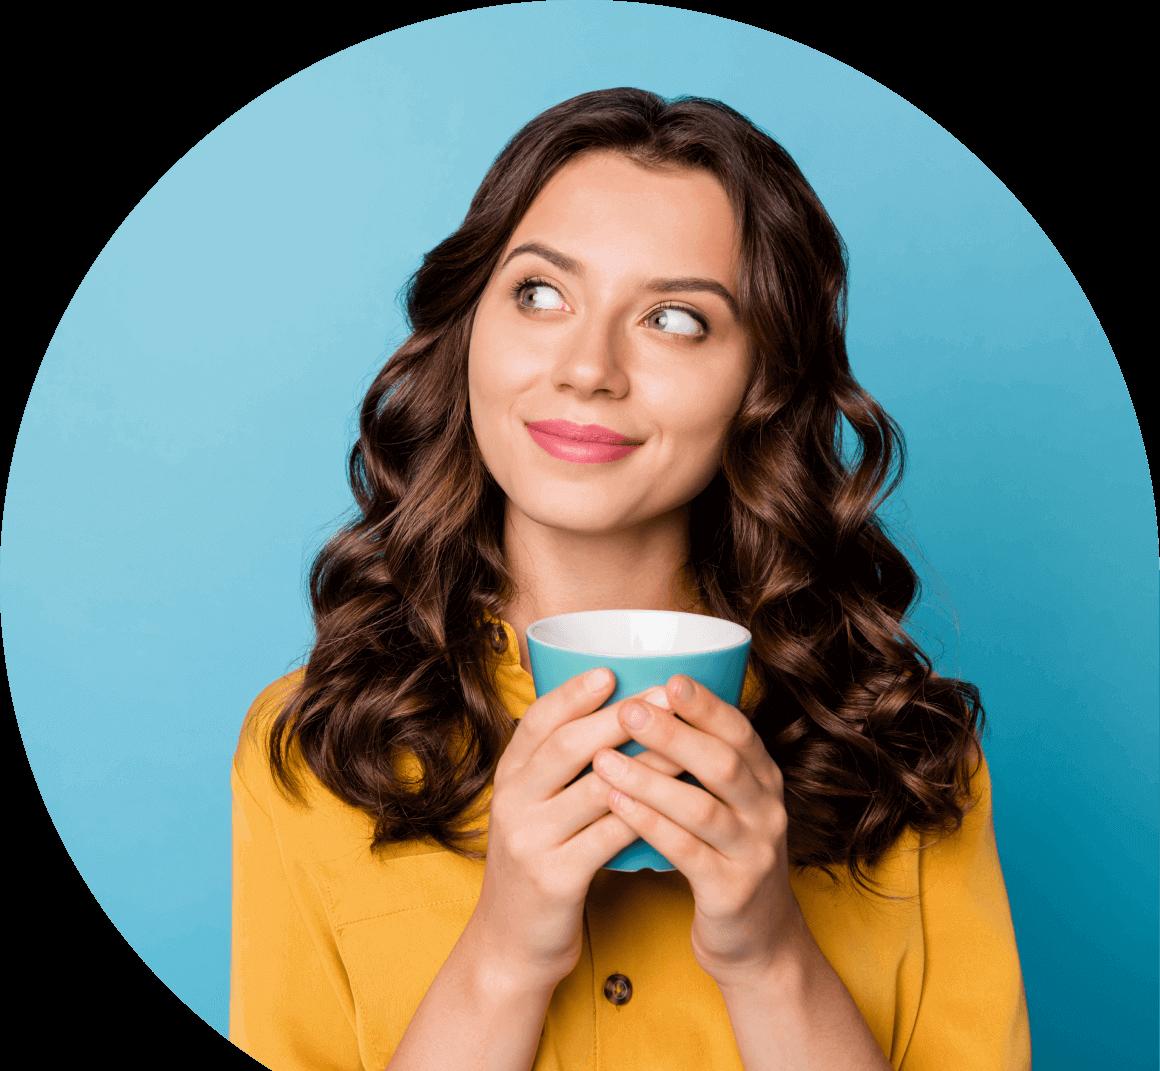 girl with a mug